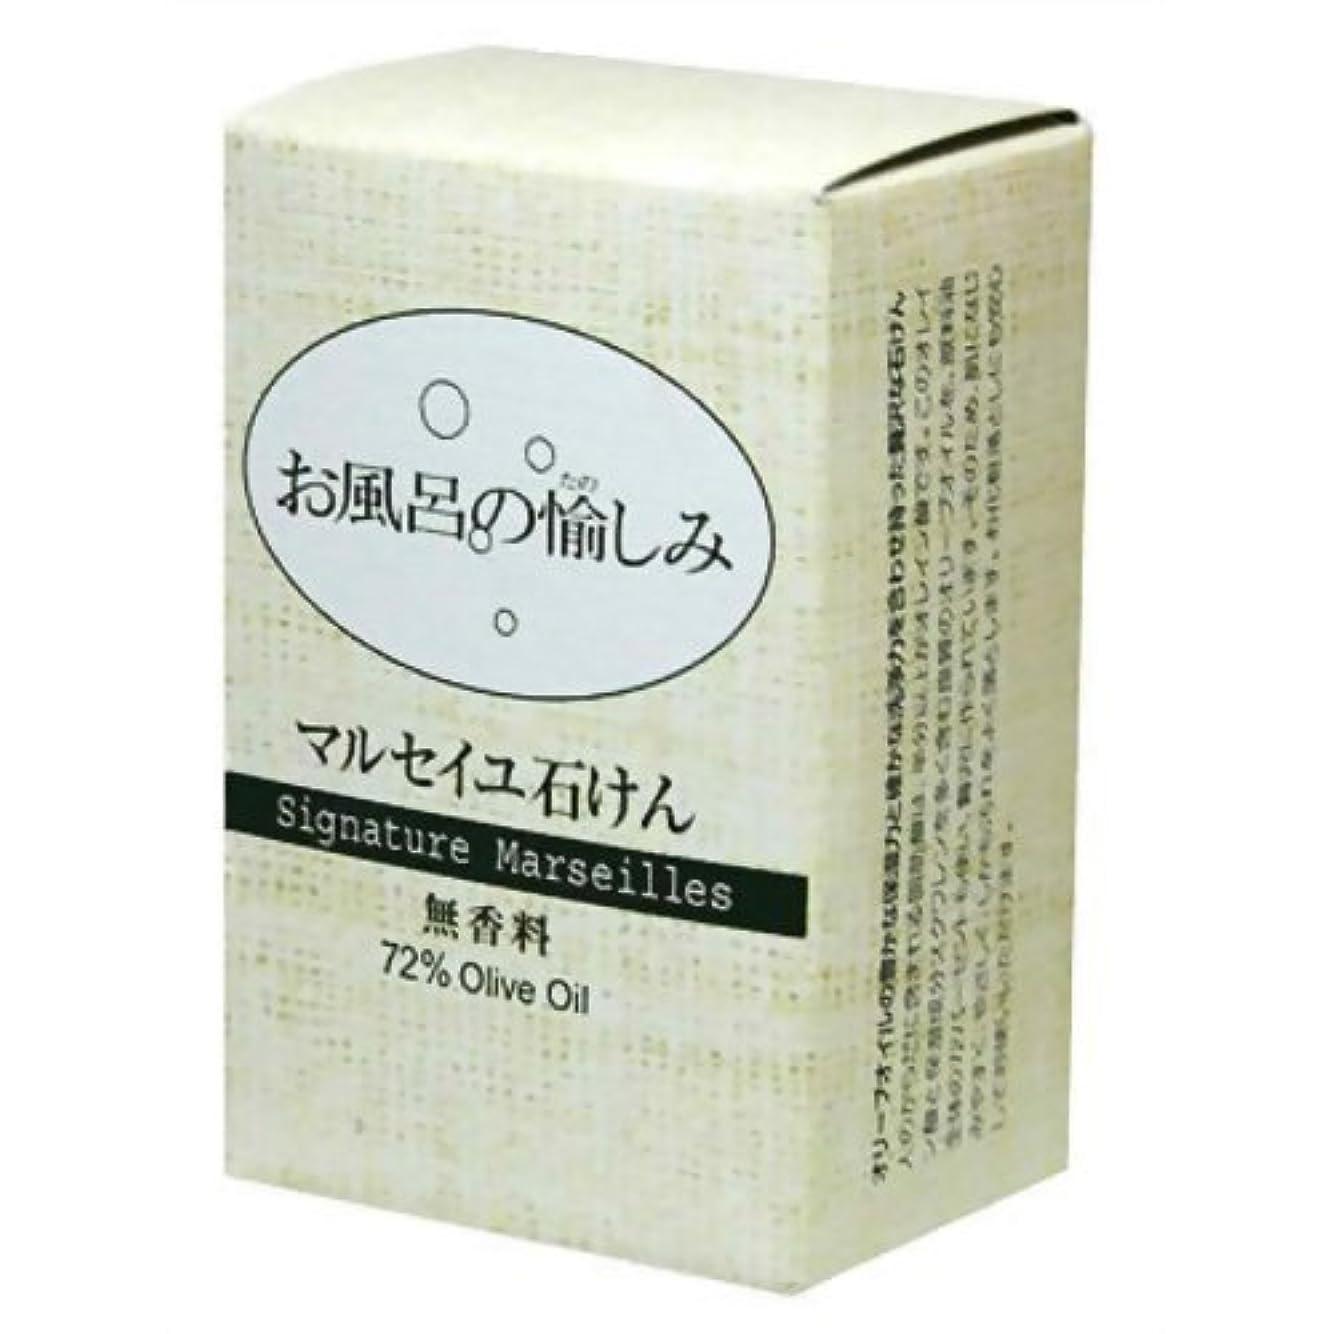 除外する耐える純粋にお風呂の愉しみ マルセイユ石鹸 (無香料)